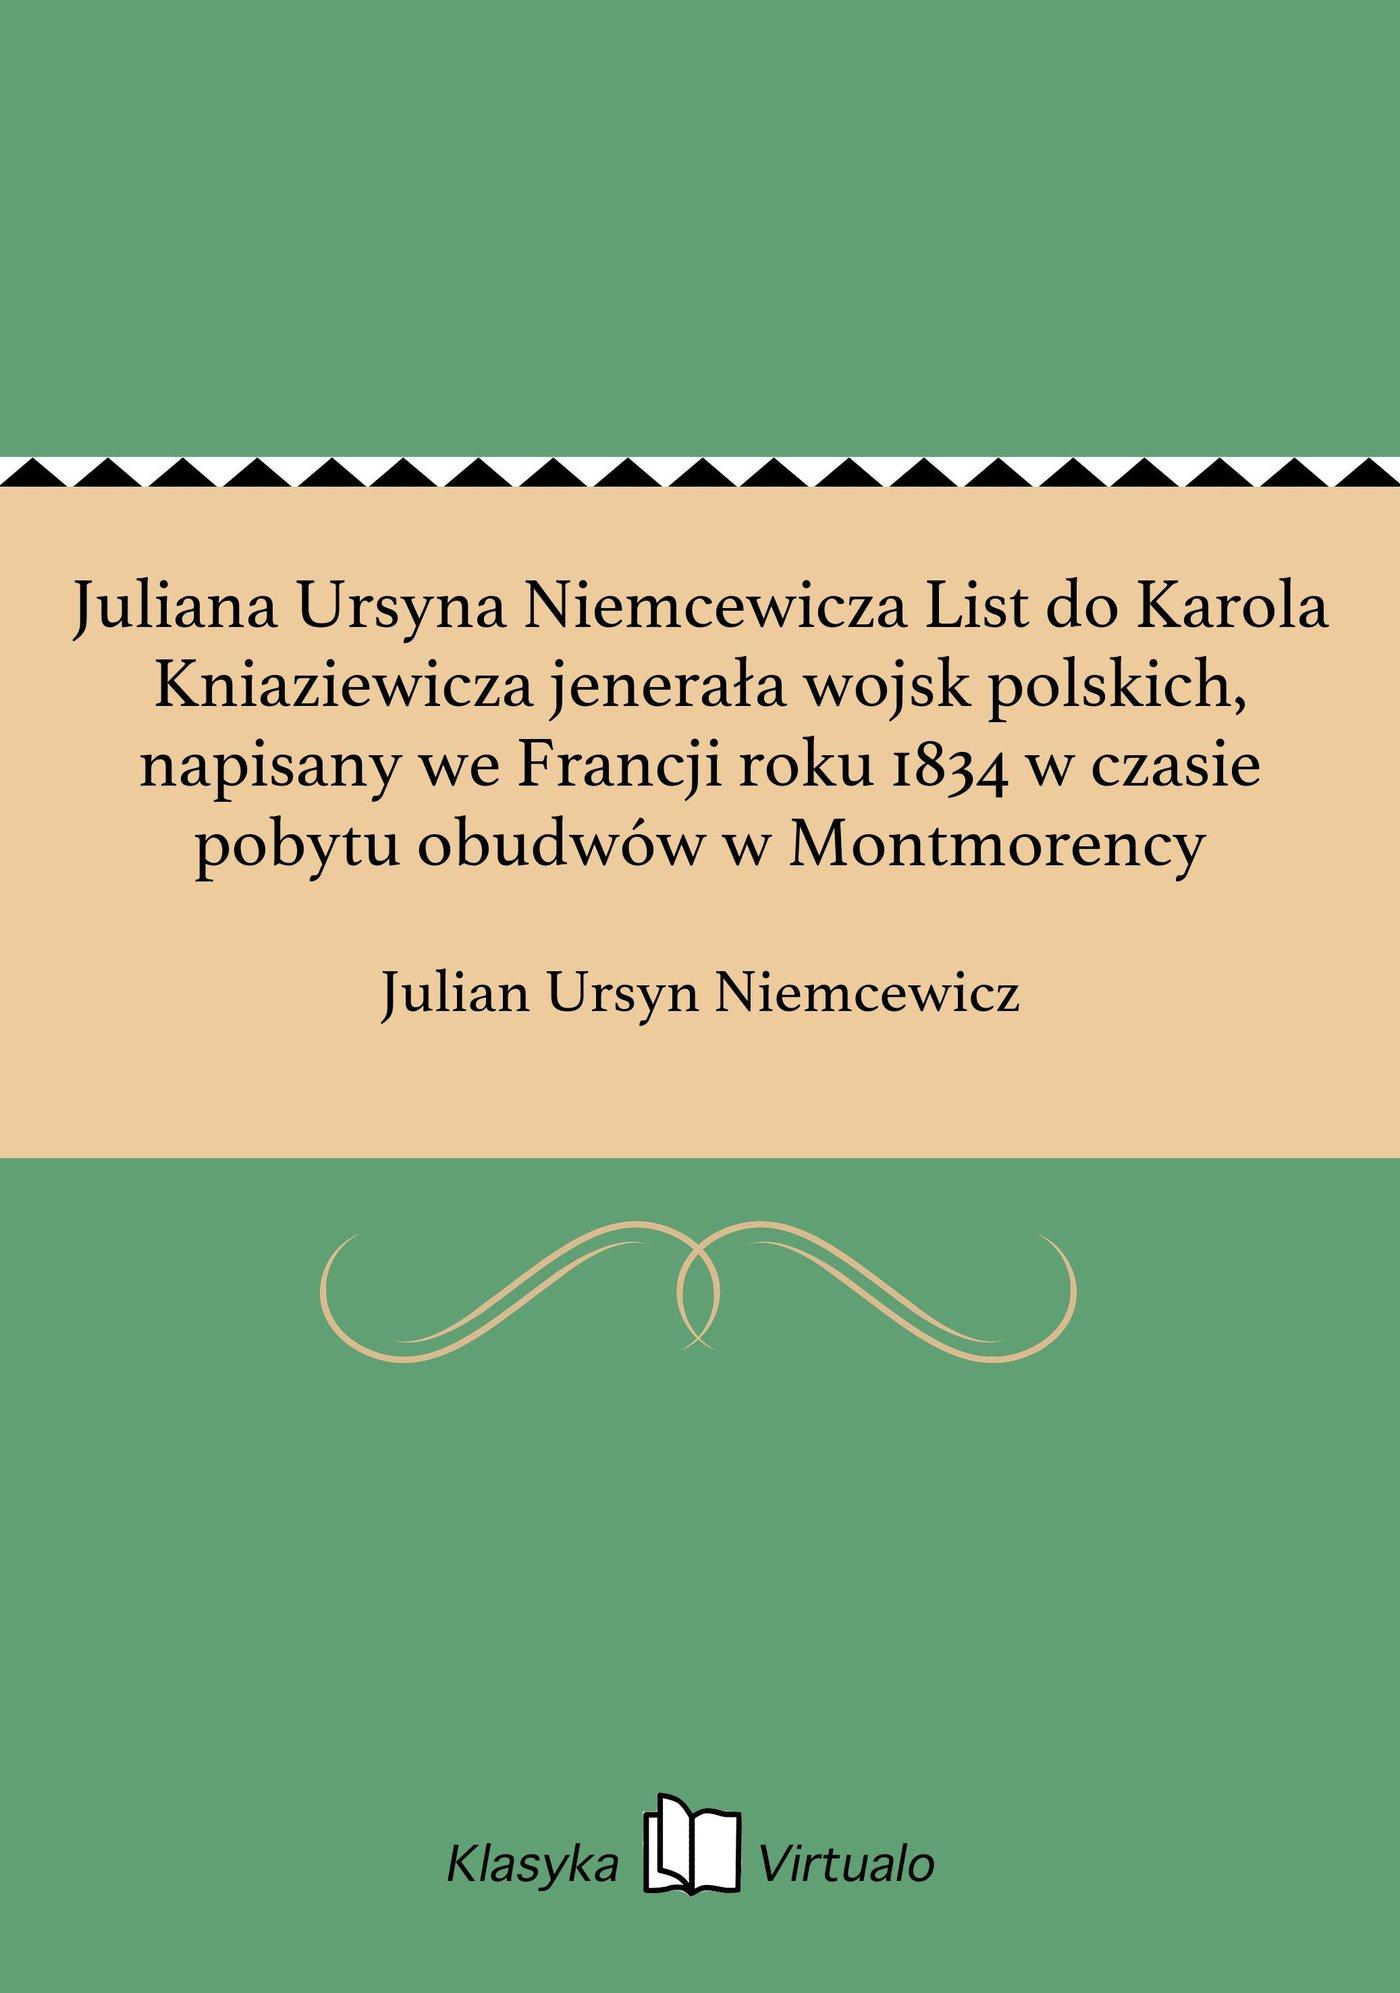 Juliana Ursyna Niemcewicza List do Karola Kniaziewicza jenerała wojsk polskich, napisany we Francji roku 1834 w czasie pobytu obudwów w Montmorency - Ebook (Książka EPUB) do pobrania w formacie EPUB